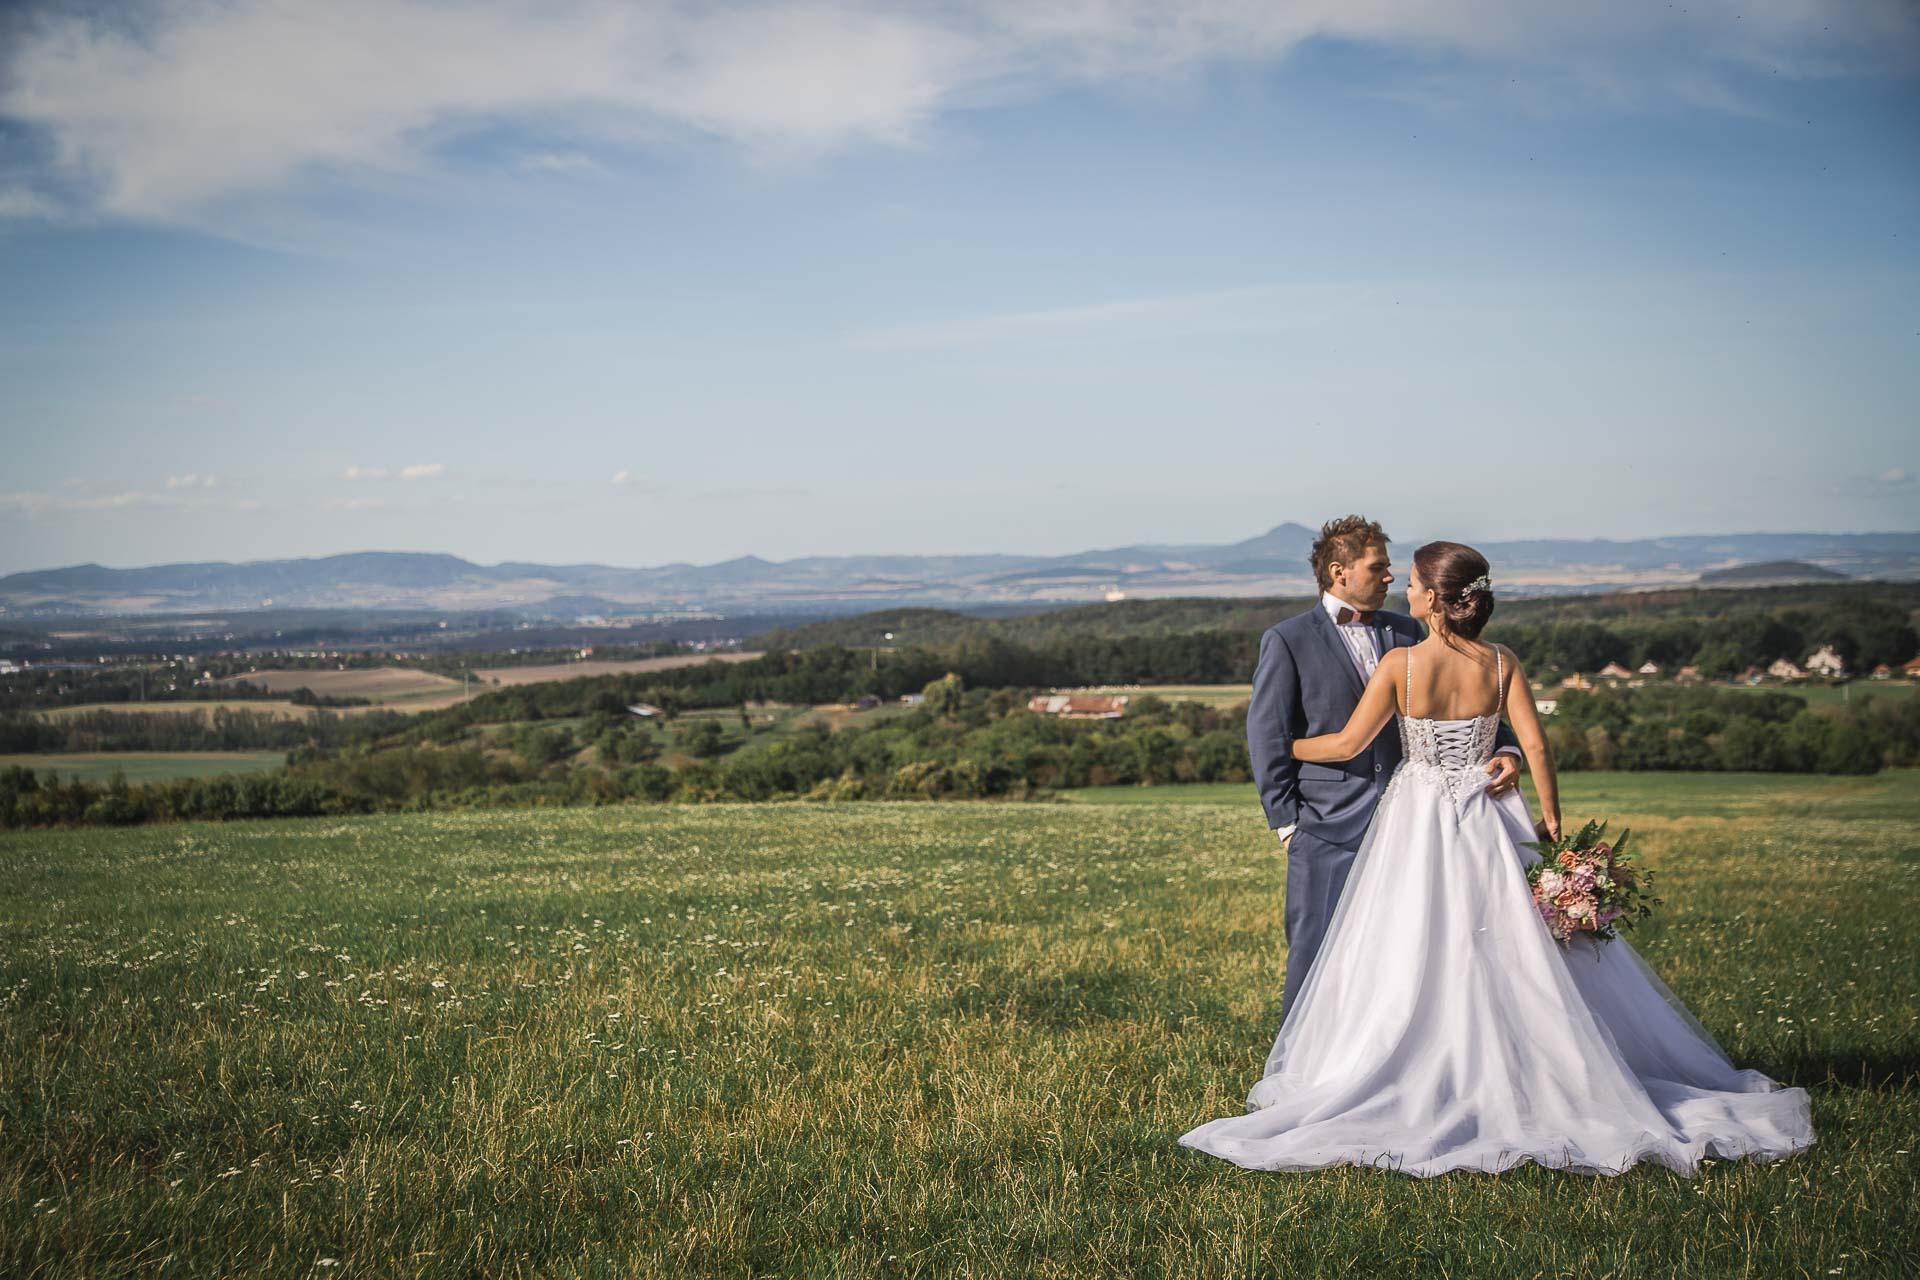 svatební-fotografie-Říp-svatební-video-ŘÍP-svatební-fotograf-ŘÍP-svatba-Mělník-svatba-Neratovice-fotograf-na-savtbu-kameraman-na-svatbu-327